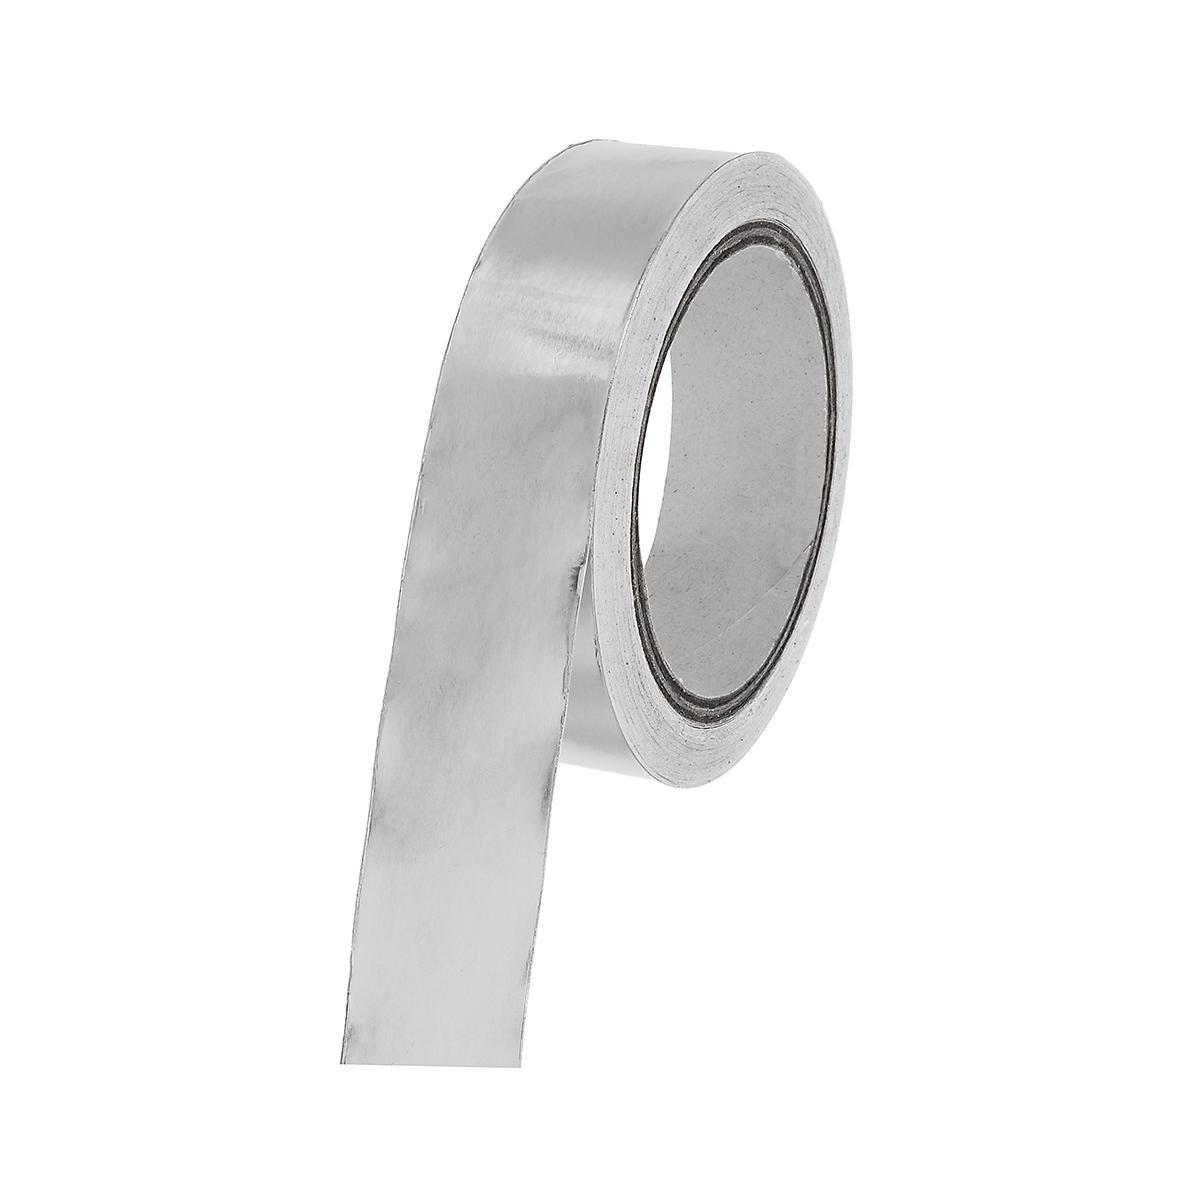 Rolo da listra da fita da folha de alumínio de ferramentas adesivas da fita da folha do cromo 3cm x de 20m